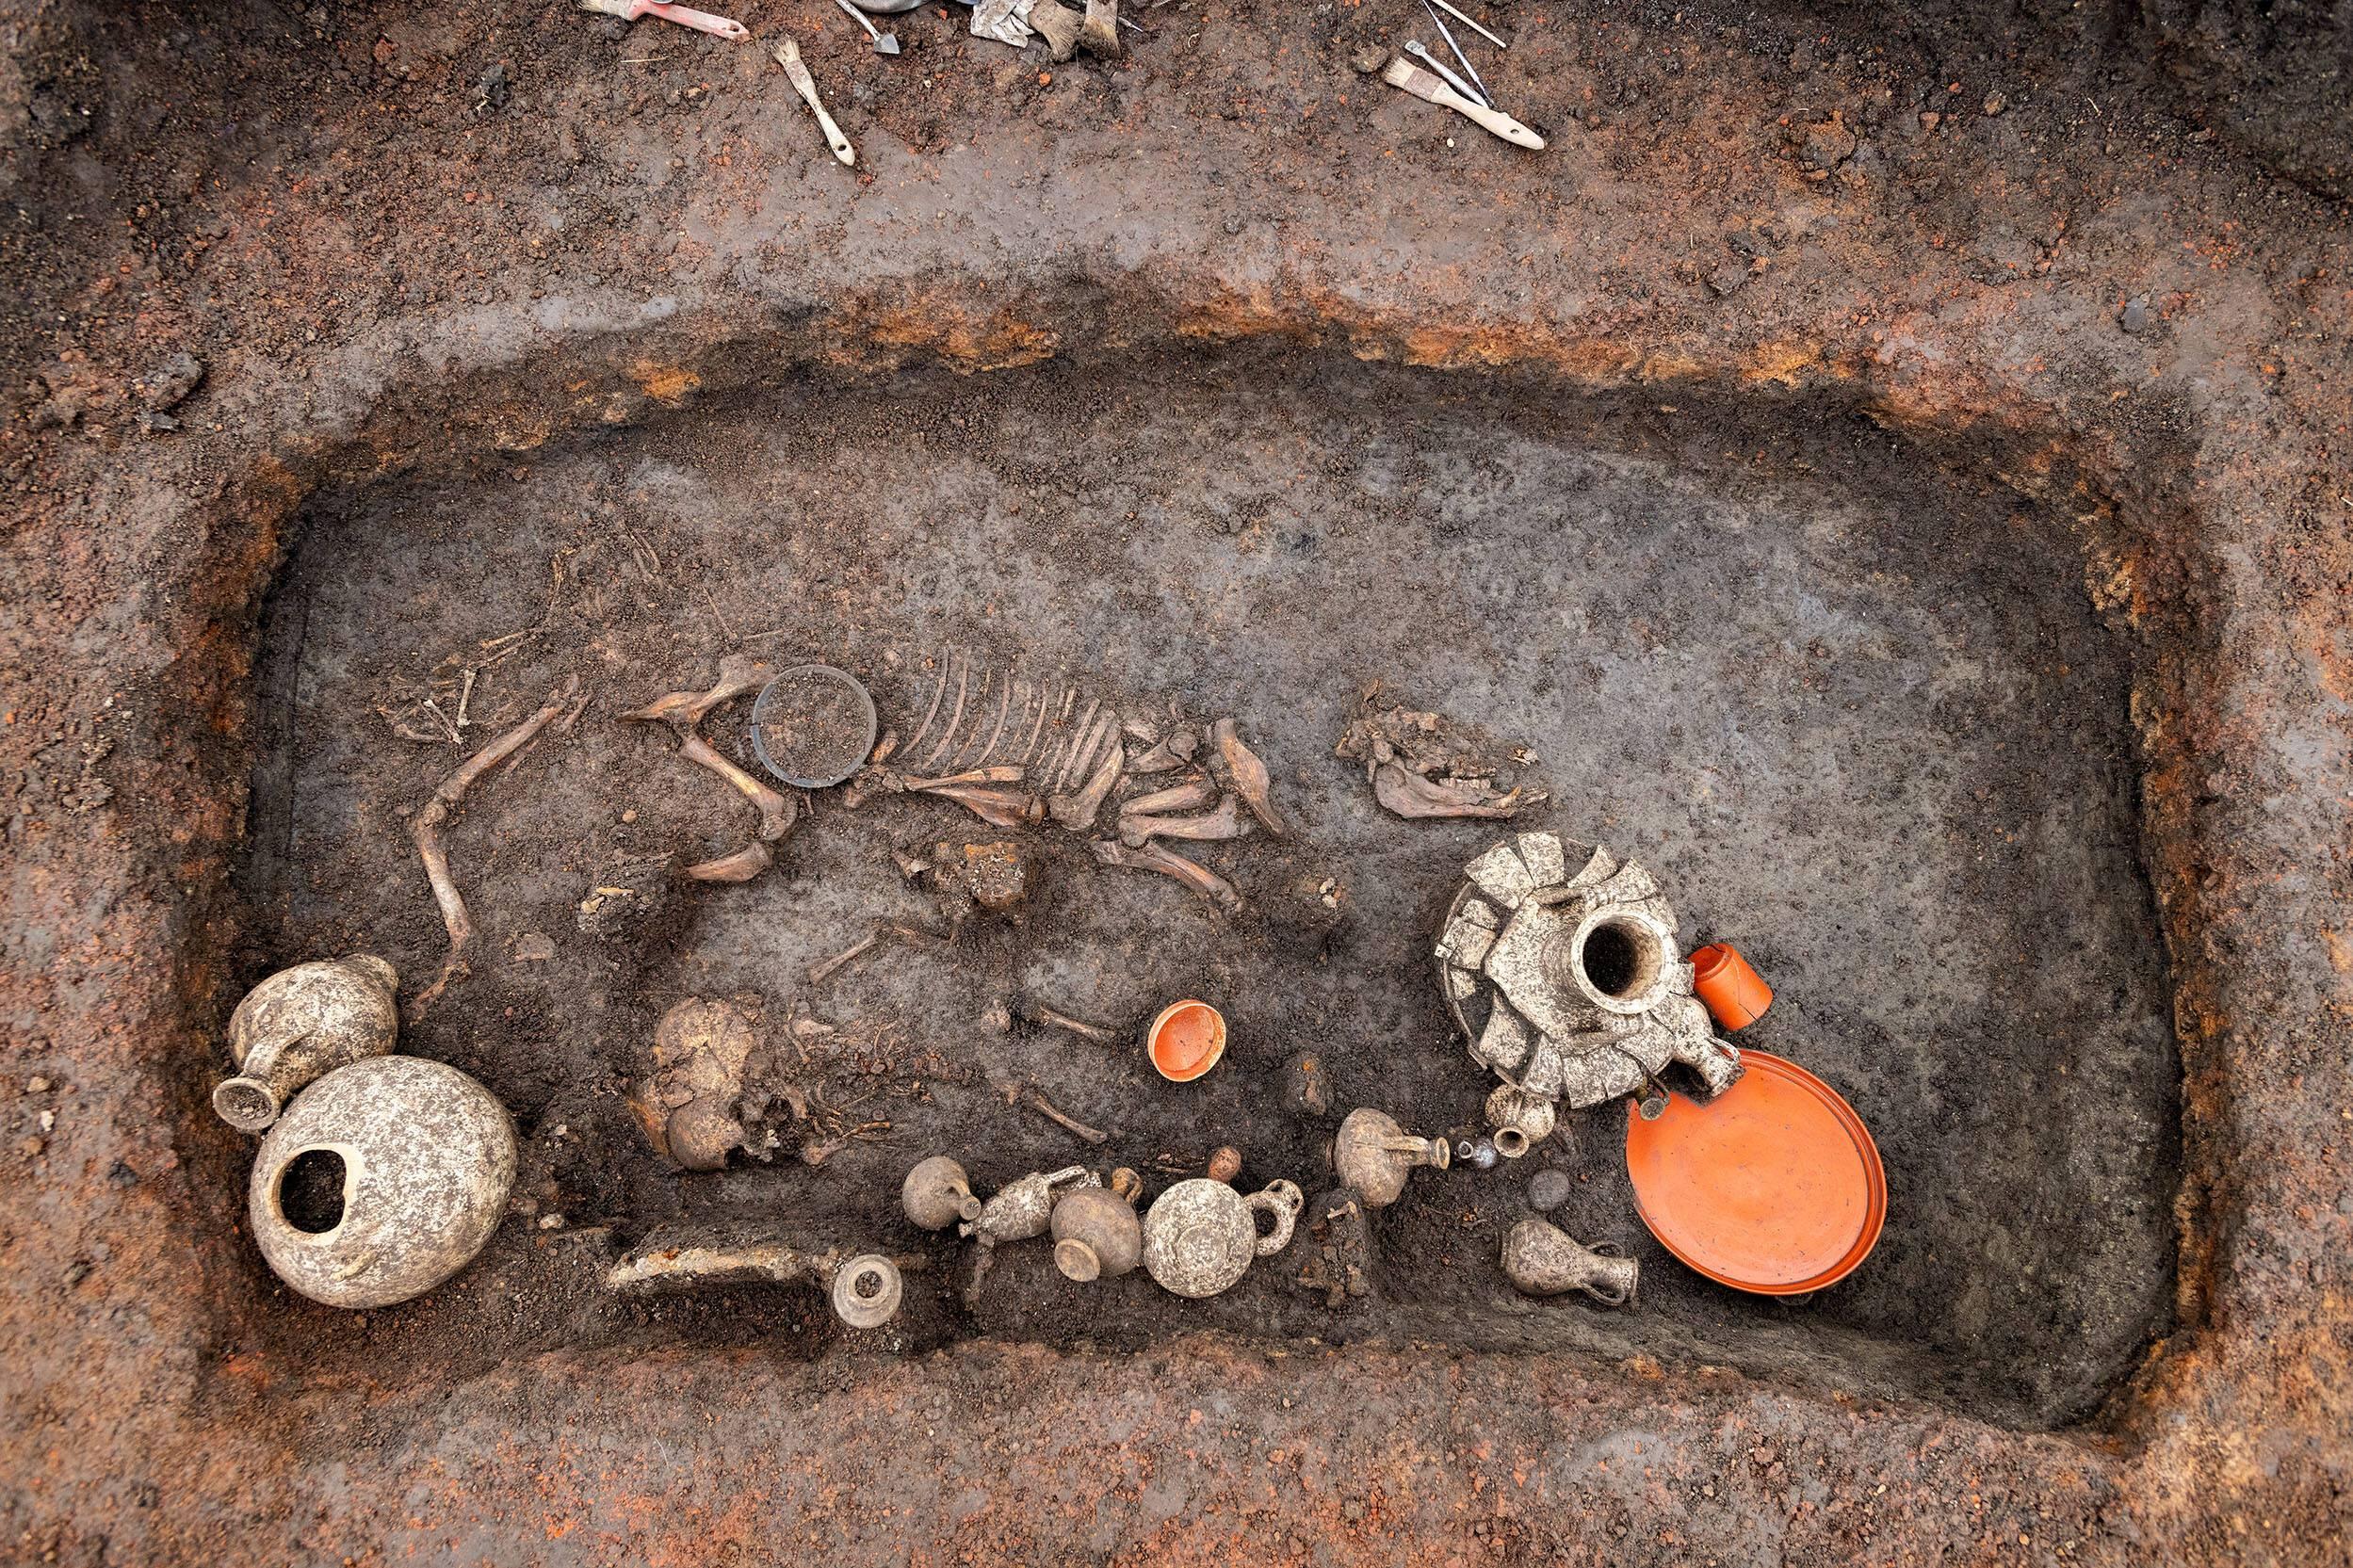 Sépulture antique d'enfant sous l'aéroport de Clermont-Ferrand - Découverte archéologique 2021